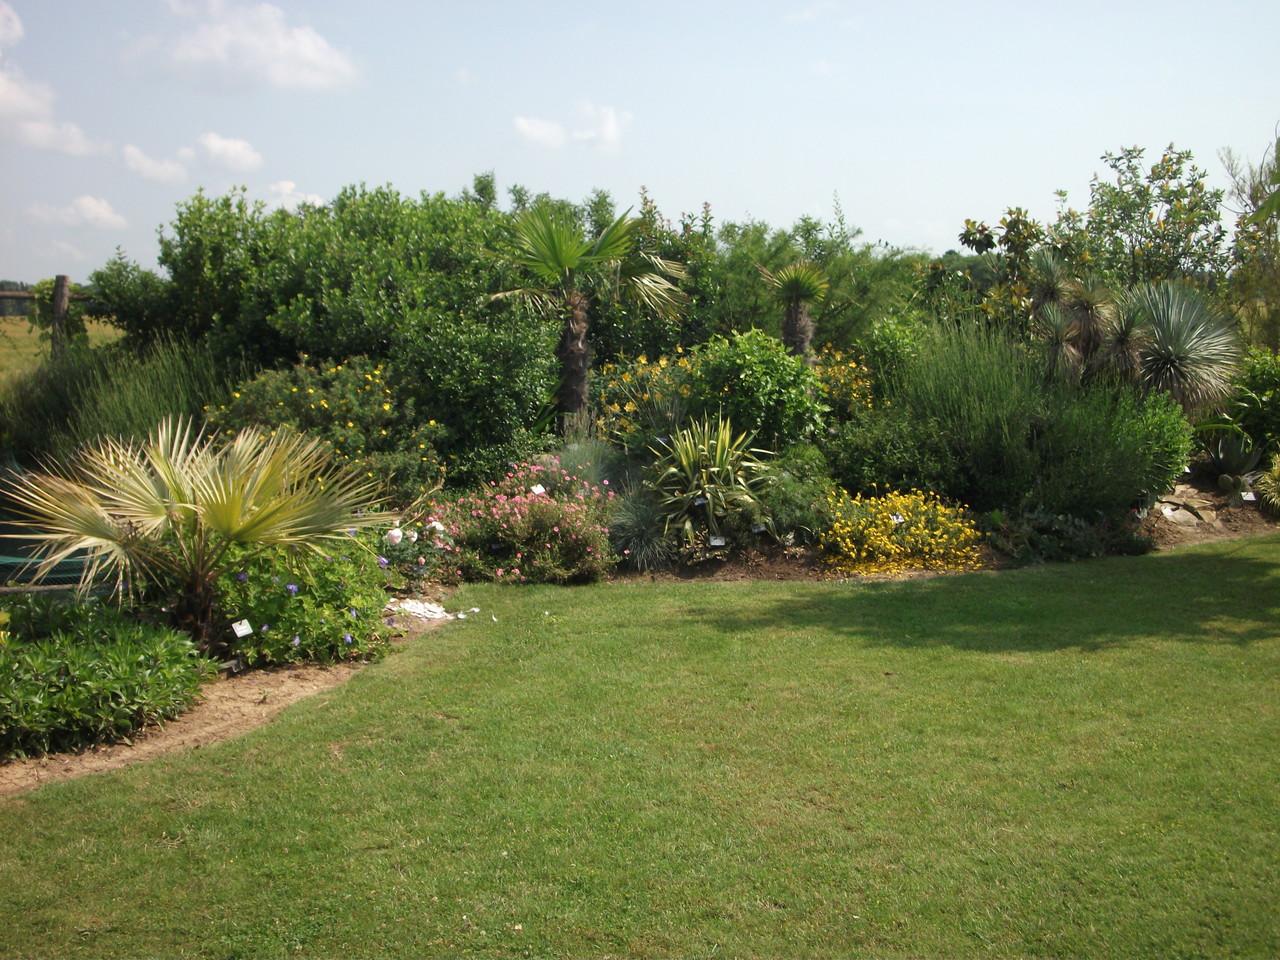 le jardin entr e gratuite site le jardin des 4 saisons. Black Bedroom Furniture Sets. Home Design Ideas